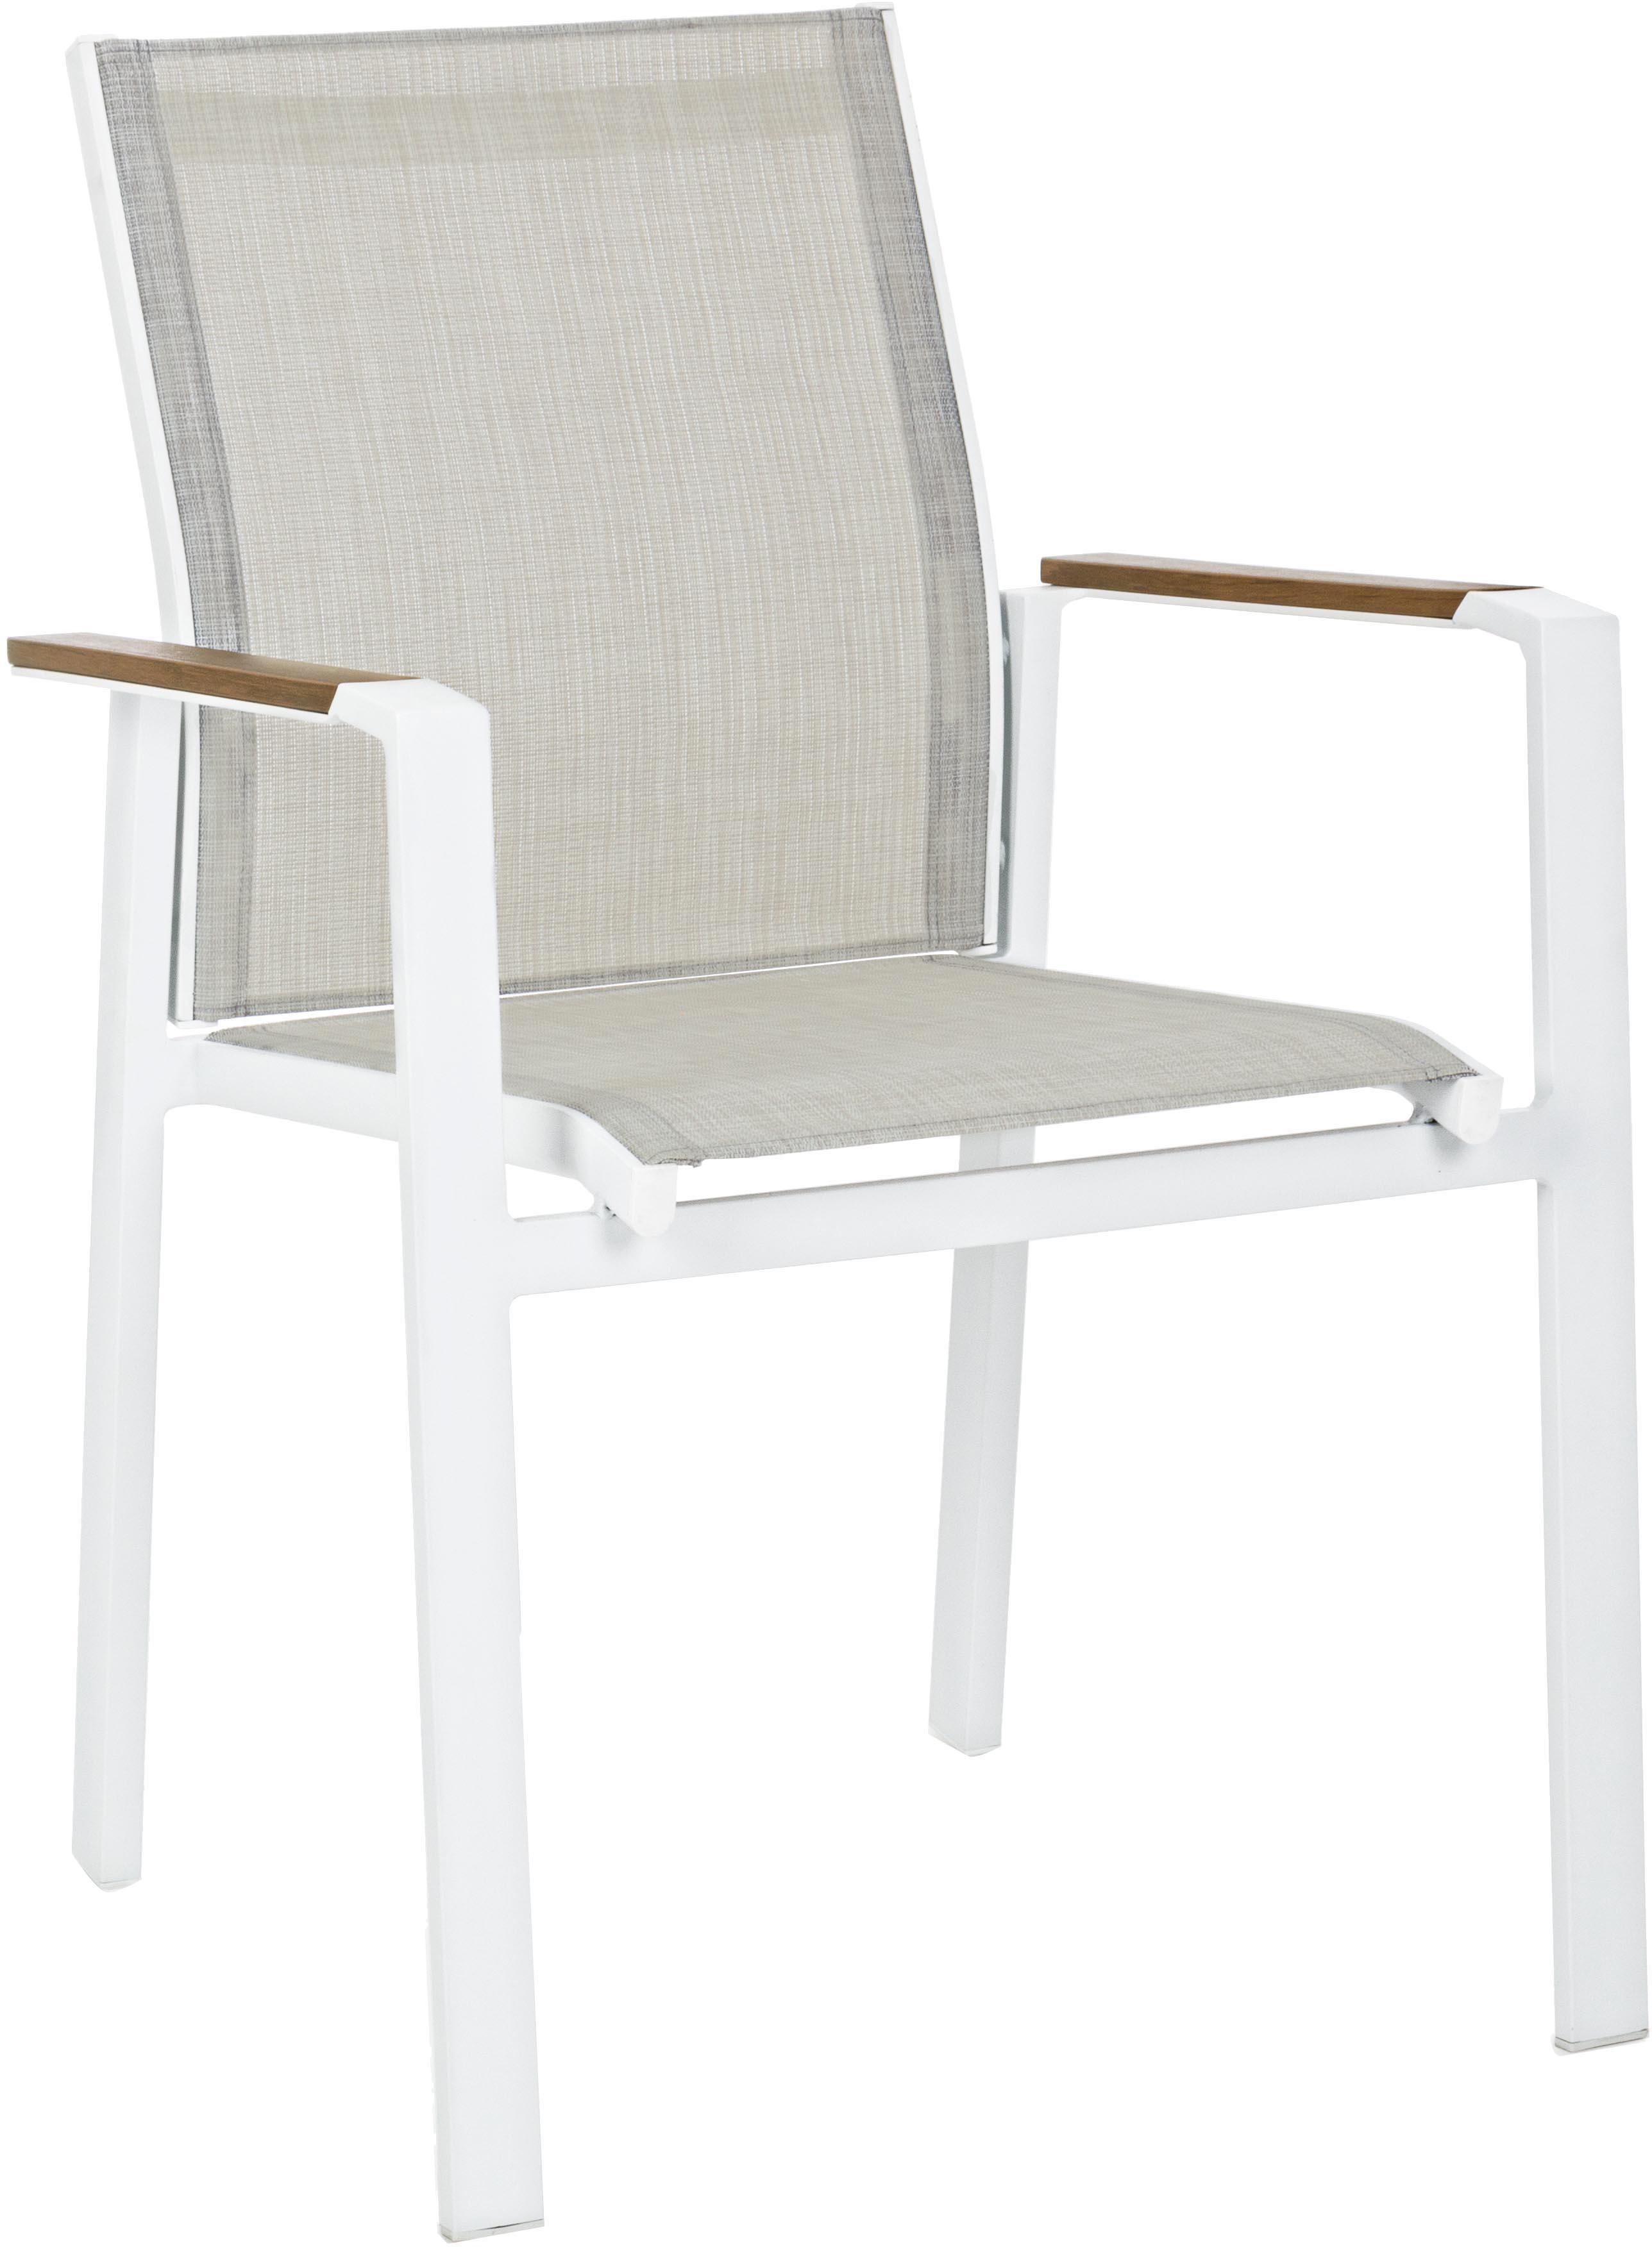 Sedia con braccioli da giardino Elias, Struttura: alluminio, verniciato a p, Seduta: textilene, Bianco, greige, legno, Larg. 57 x Prof. 62 cm